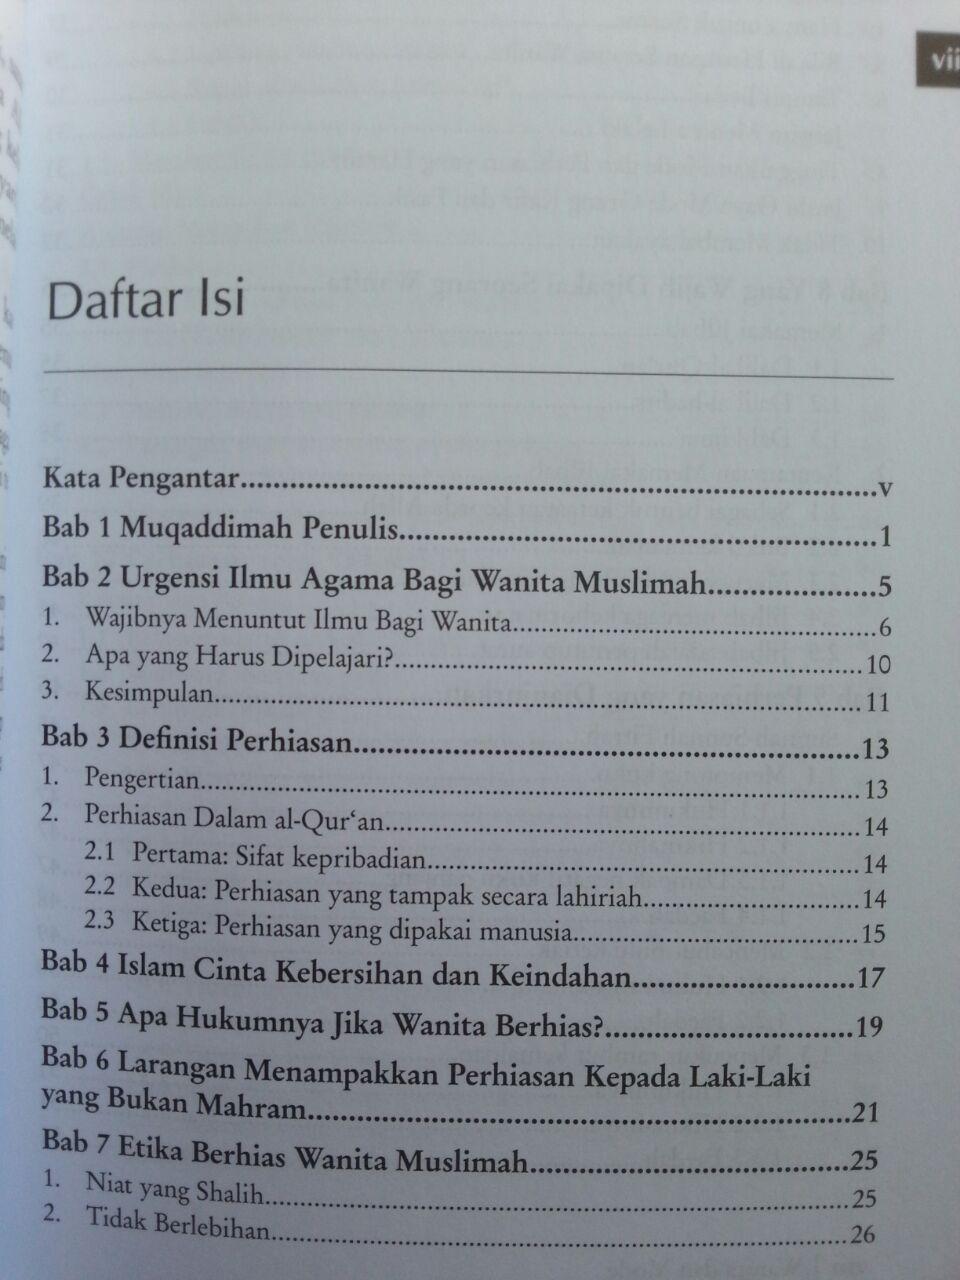 Buku Wanita Dan Mode Panduan Berhias Wanita Sesuai Al-Quran dan As-Sunnah isi 2